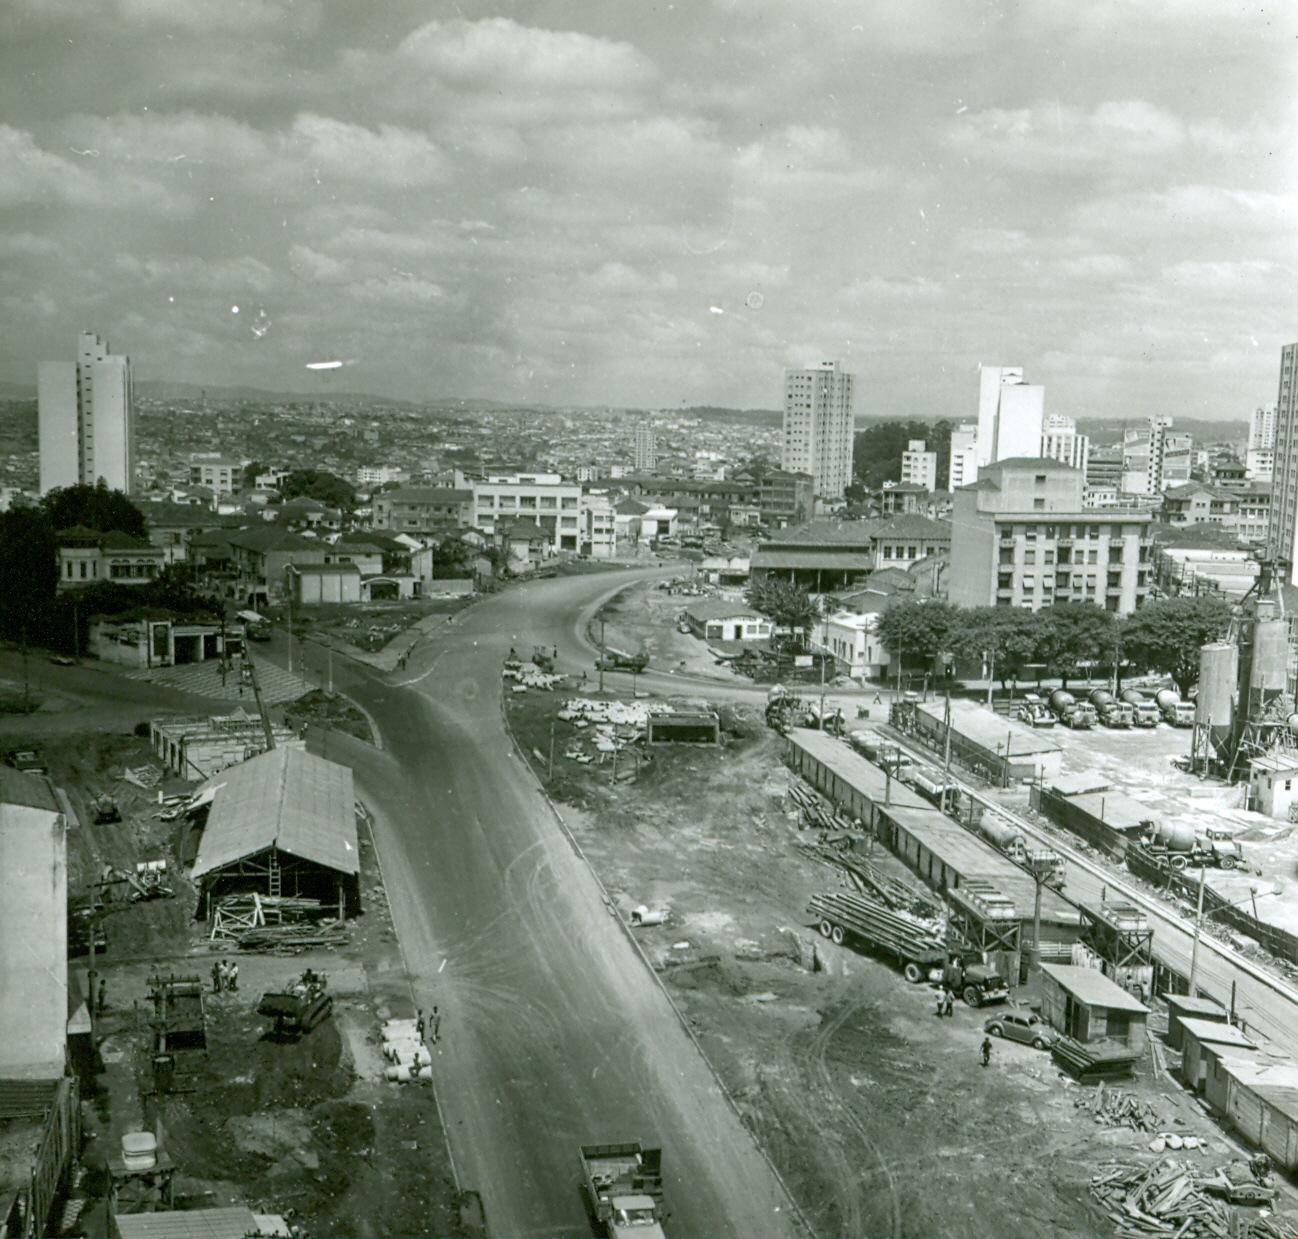 Vista aérea das obras do metrô. Local desconhecido